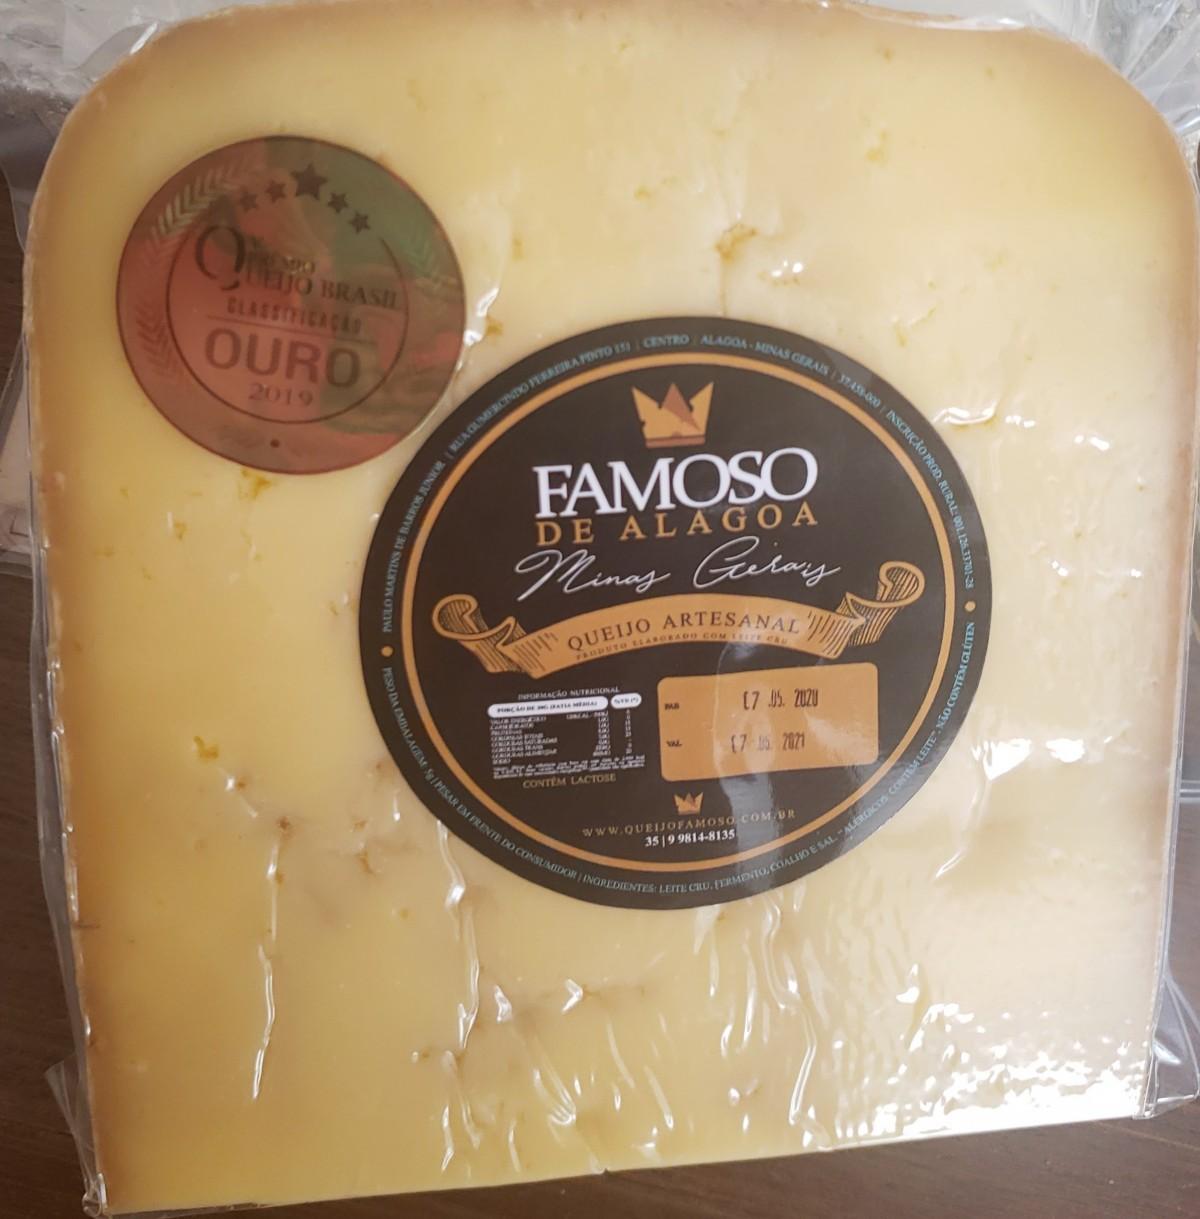 Foto 1 - **LANÇAMENTO** Fatia de queijo GRAN ALAGOA - 6 meses de maturação - 500 gramas